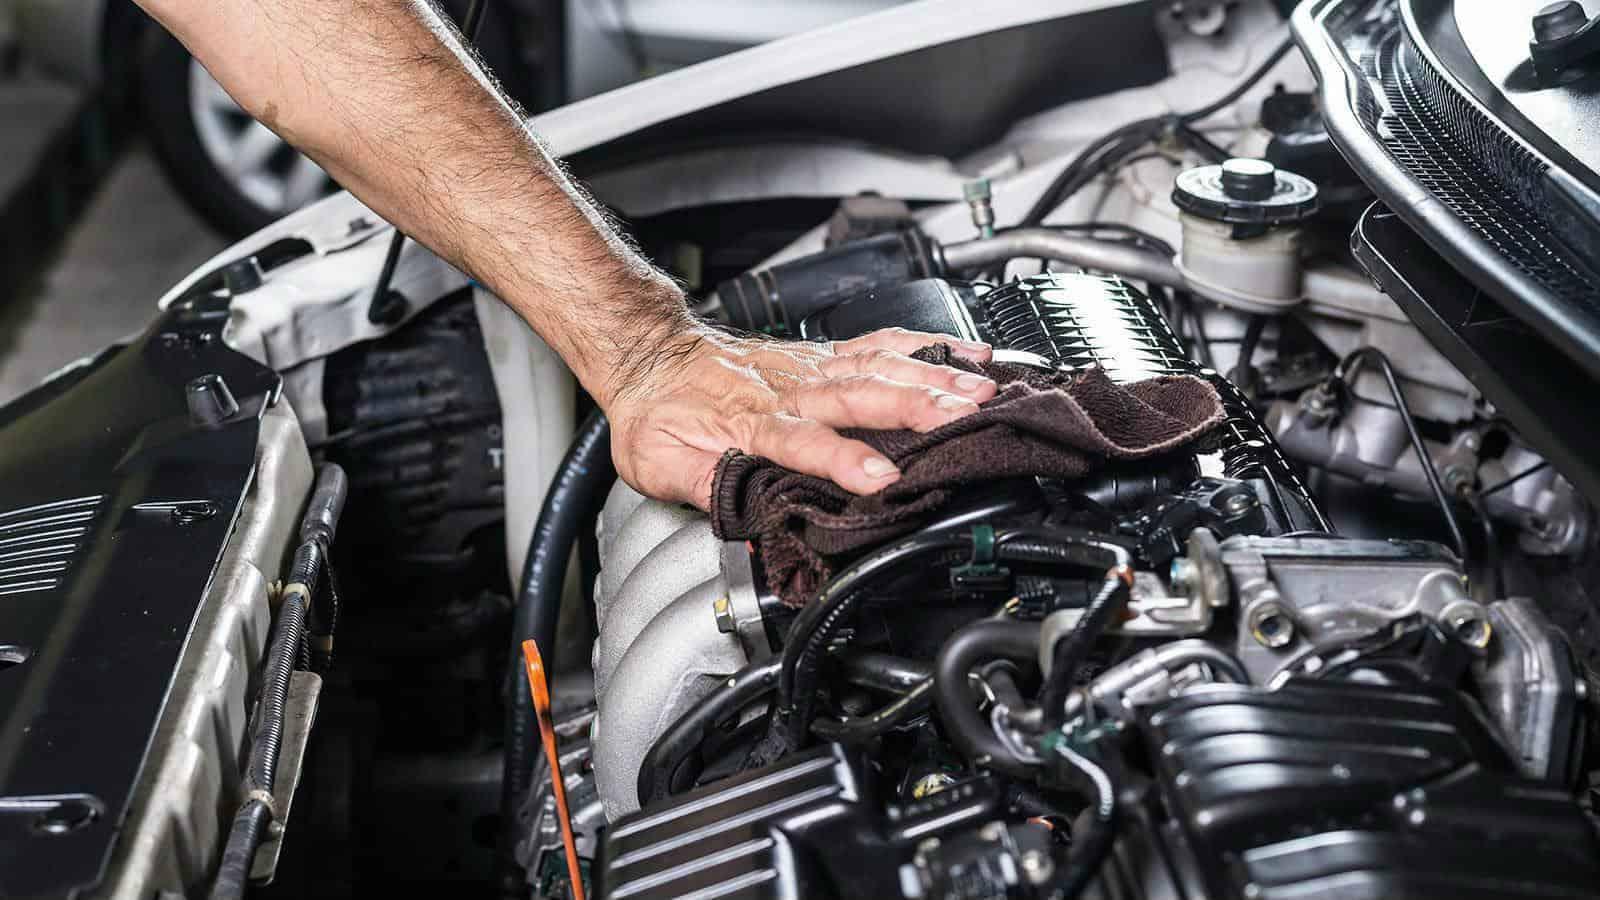 πλύσιμο κινητήρα αυτοκινήτου